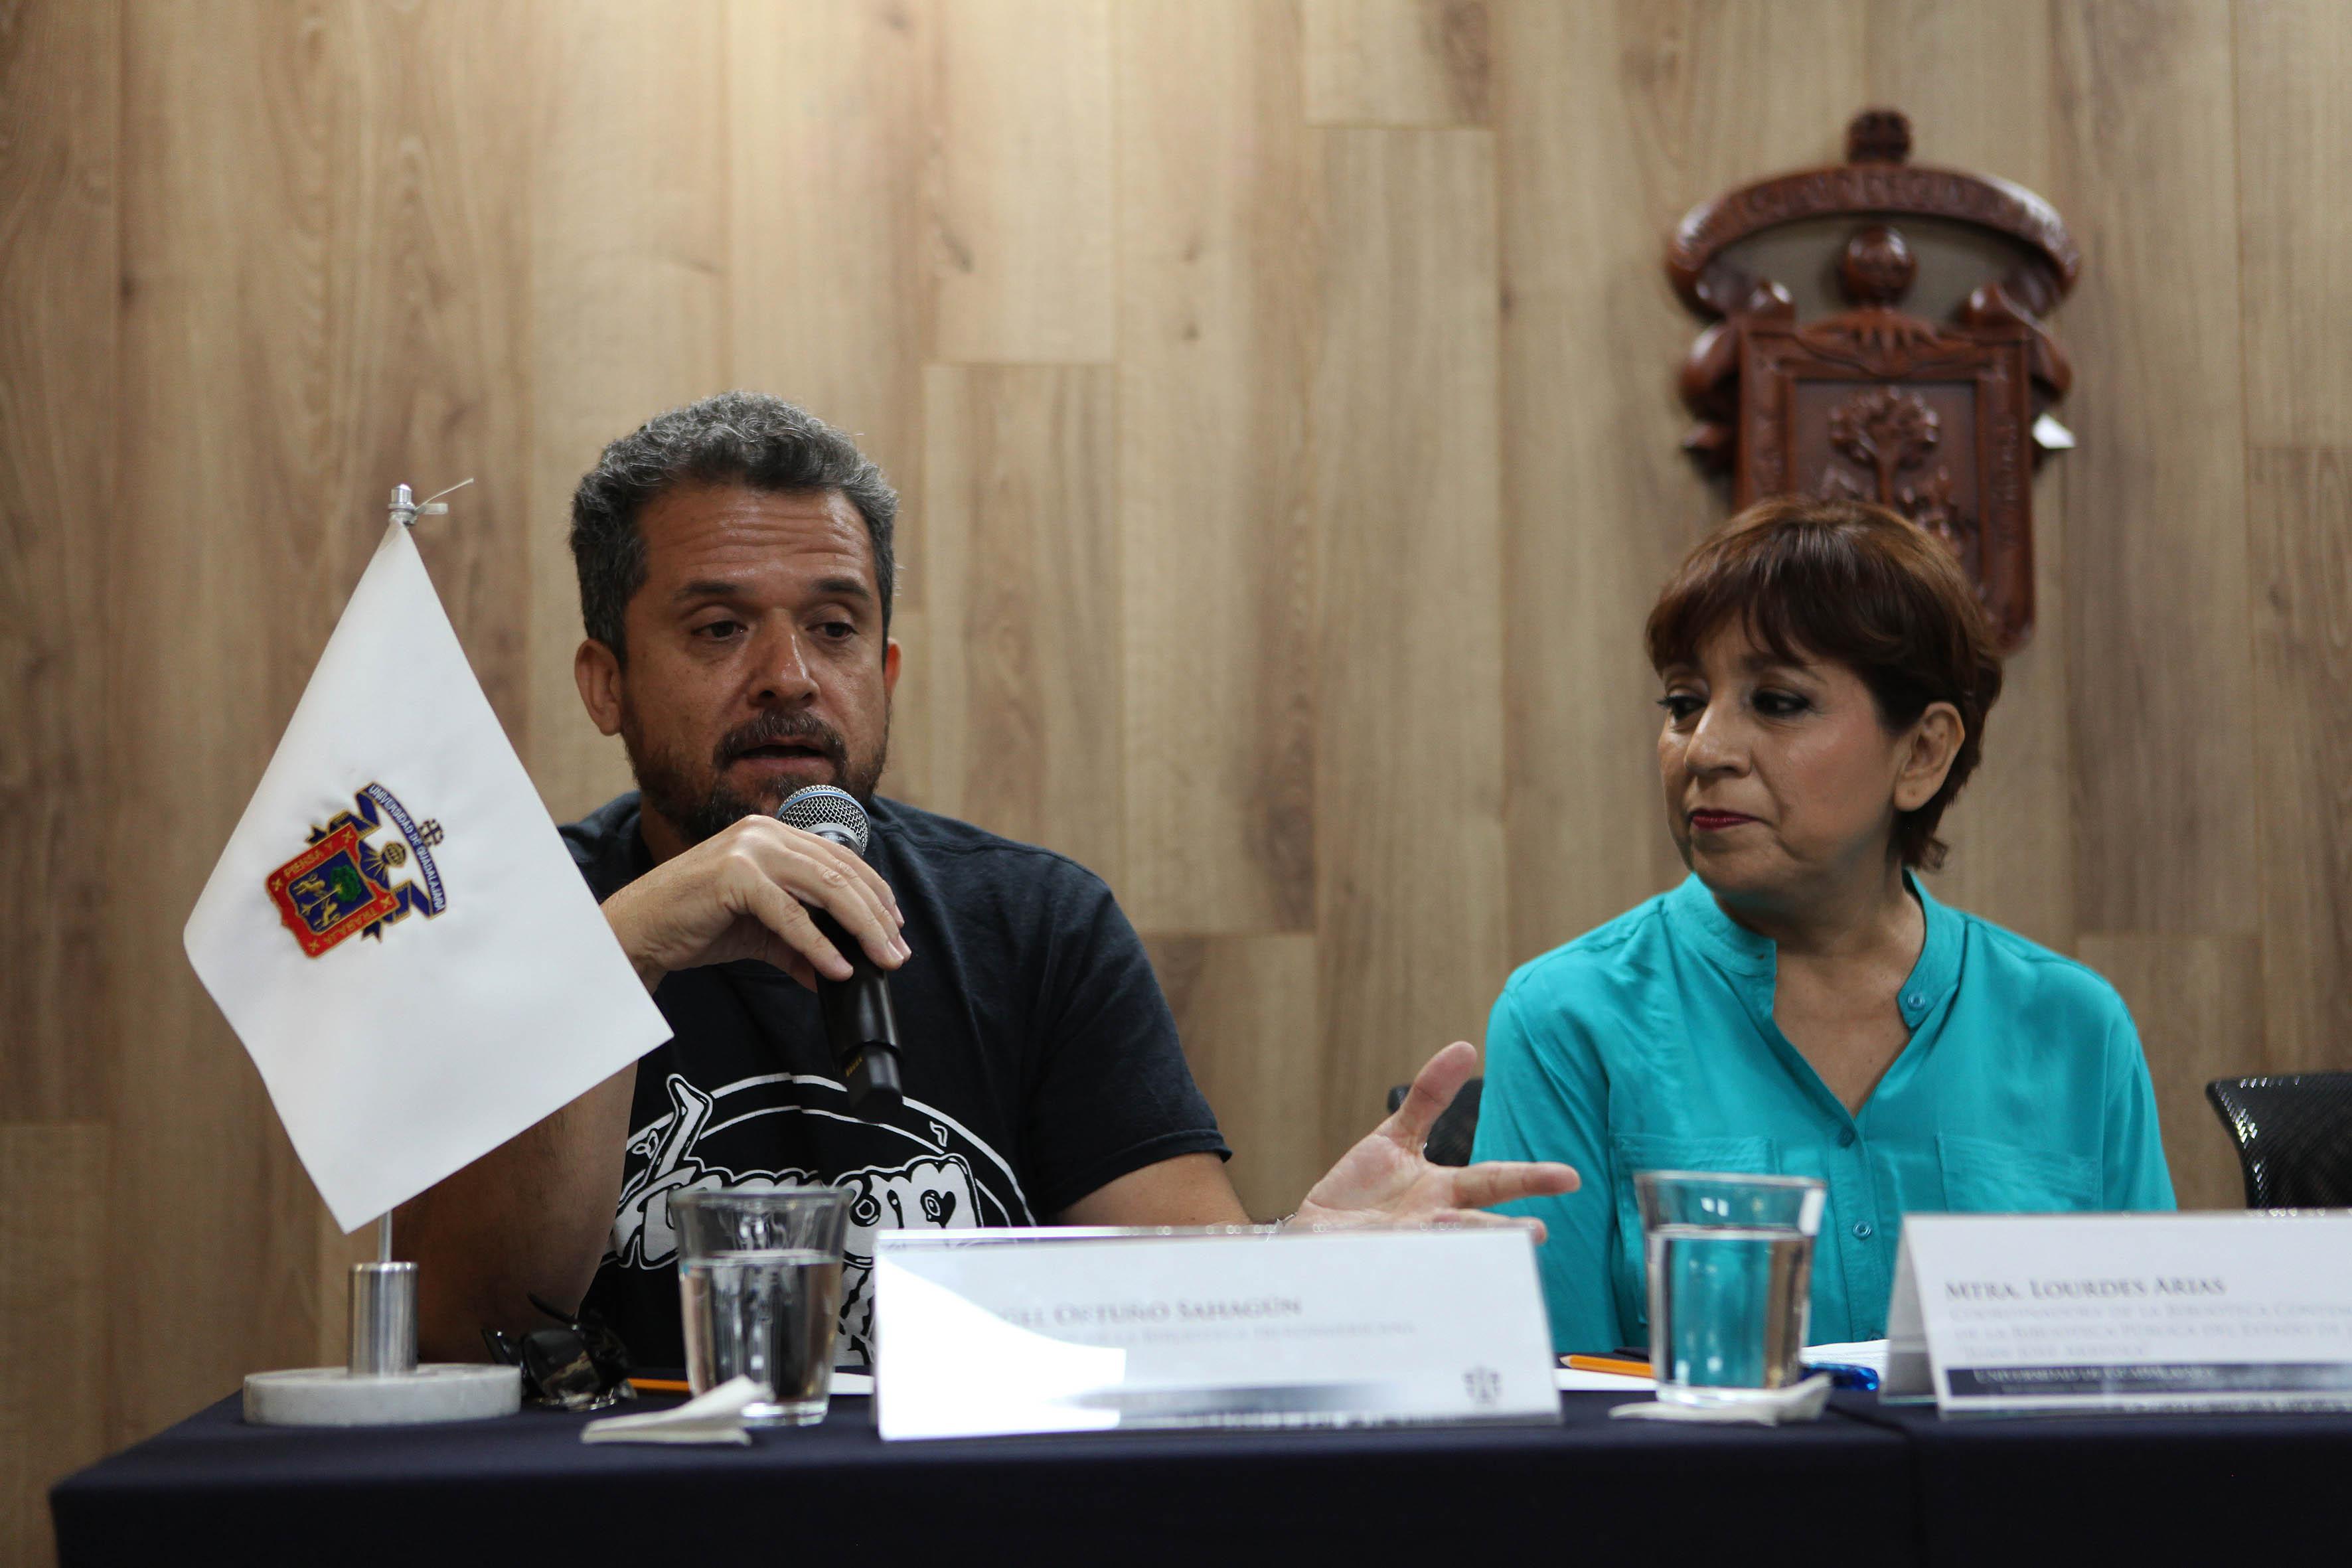 Jefe de Servicios de la Biblioteca Iberoamericana Octavio Paz, Ángel Ortuño Sahagún